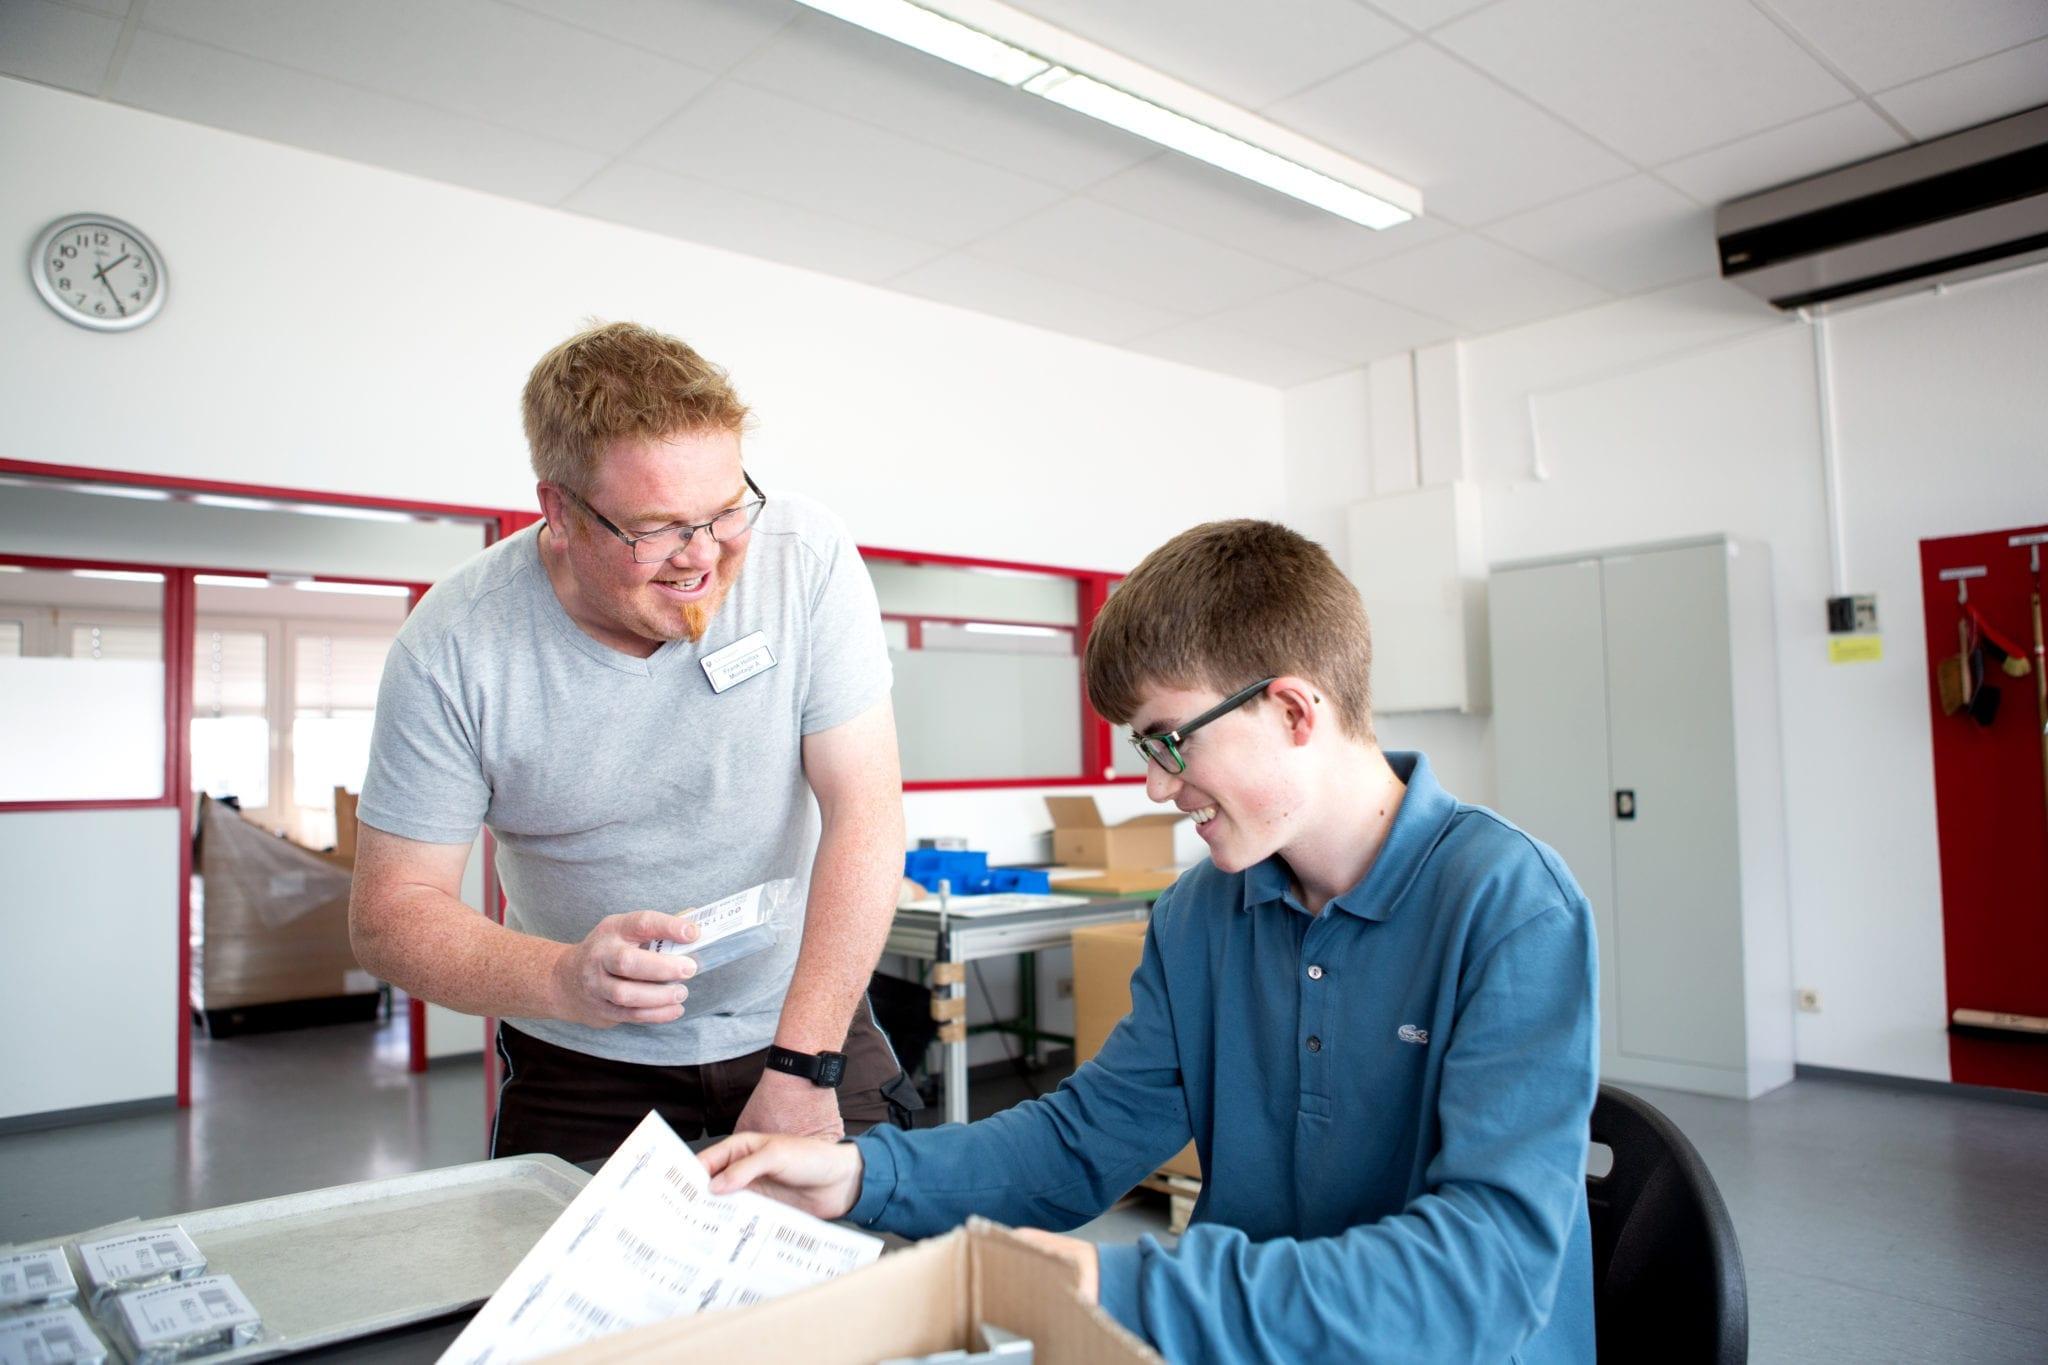 Zwei Männer unterhalten sich bei der Arbeit